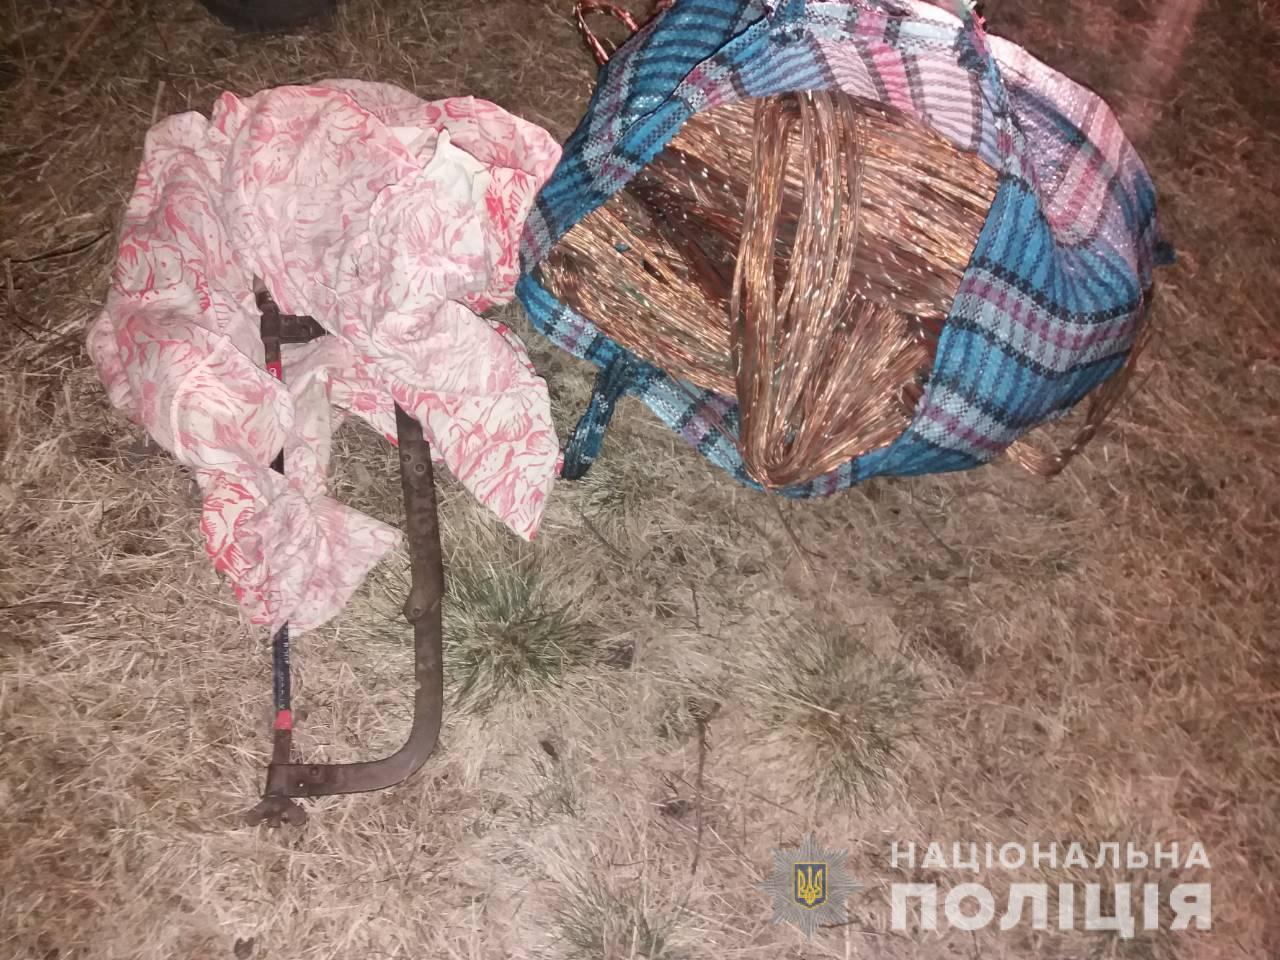 Житель Харьковщины решил заработать денег на телекоммуникационной компании